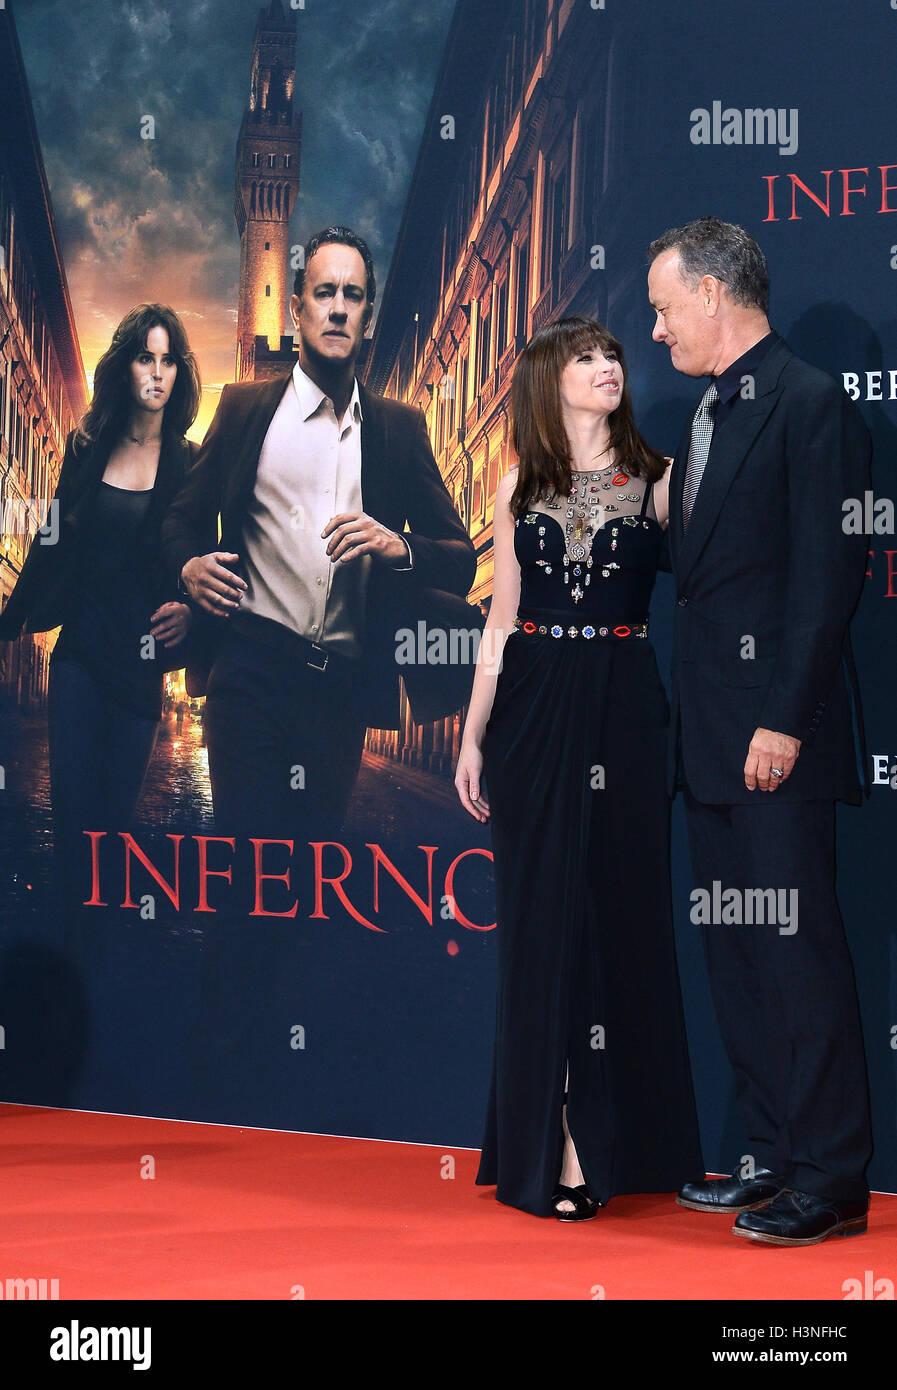 Berlín, Alemania. 10 Oct, 2016. La actriz británica Felicity Jones (L) y el actor estadounidense Tom Hanks (R), Foto de stock